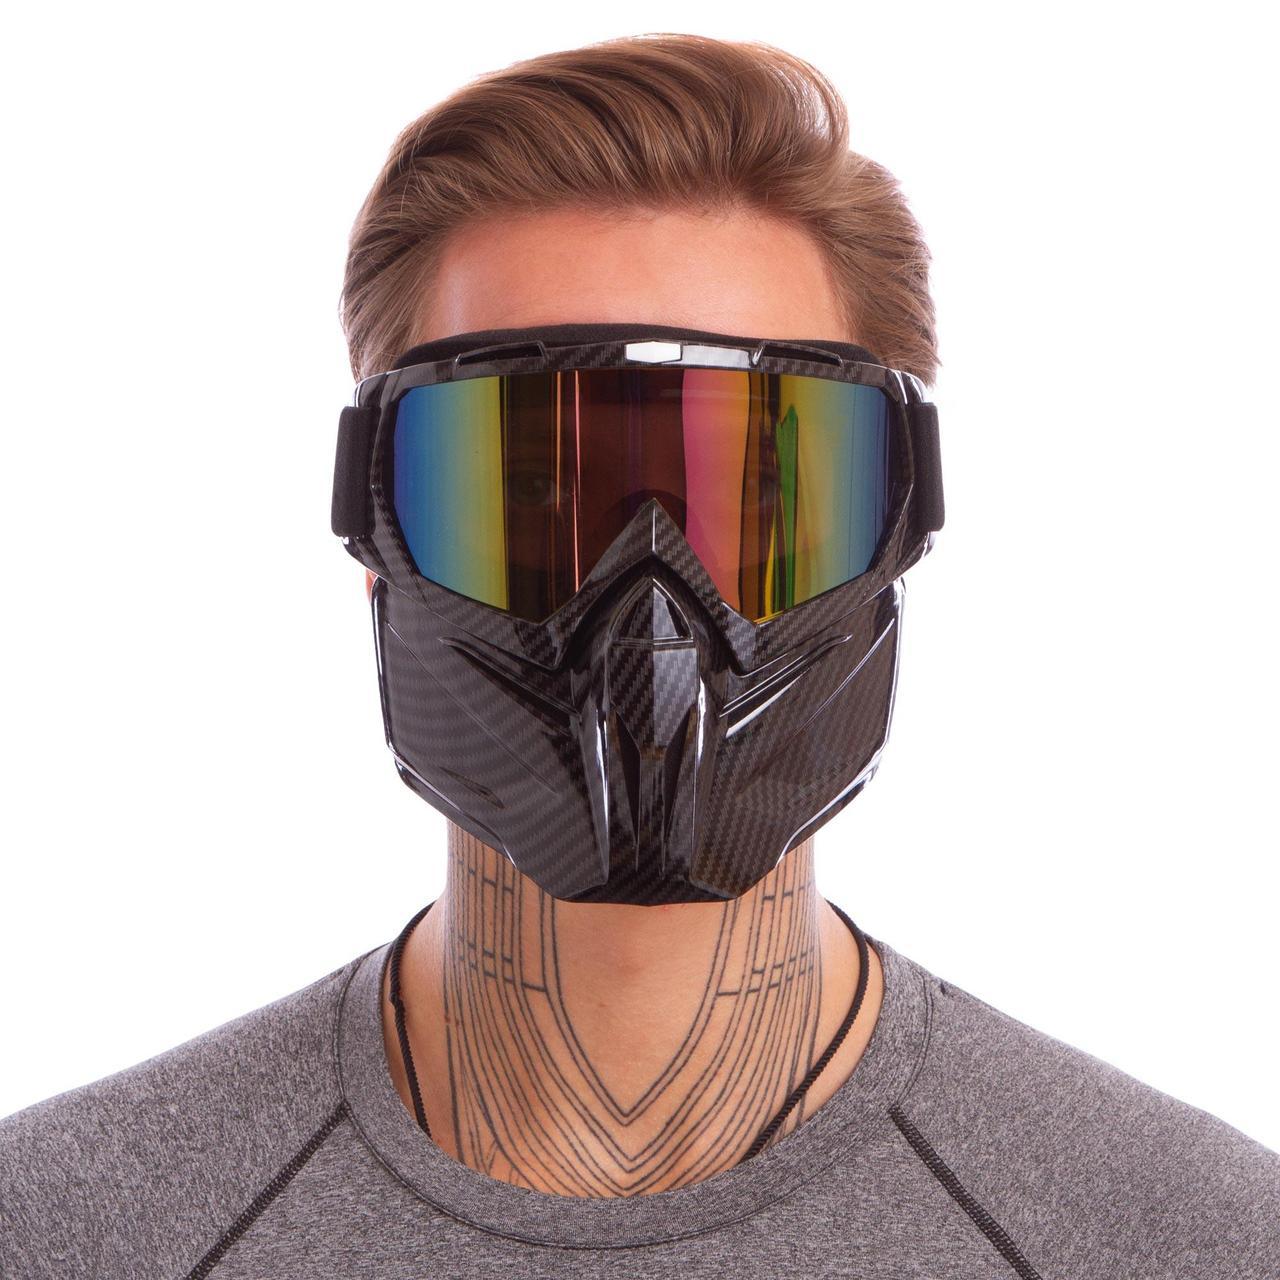 Маска защитная пол-лица 307 (пластик, р-р регул., цвета в ассортименте)